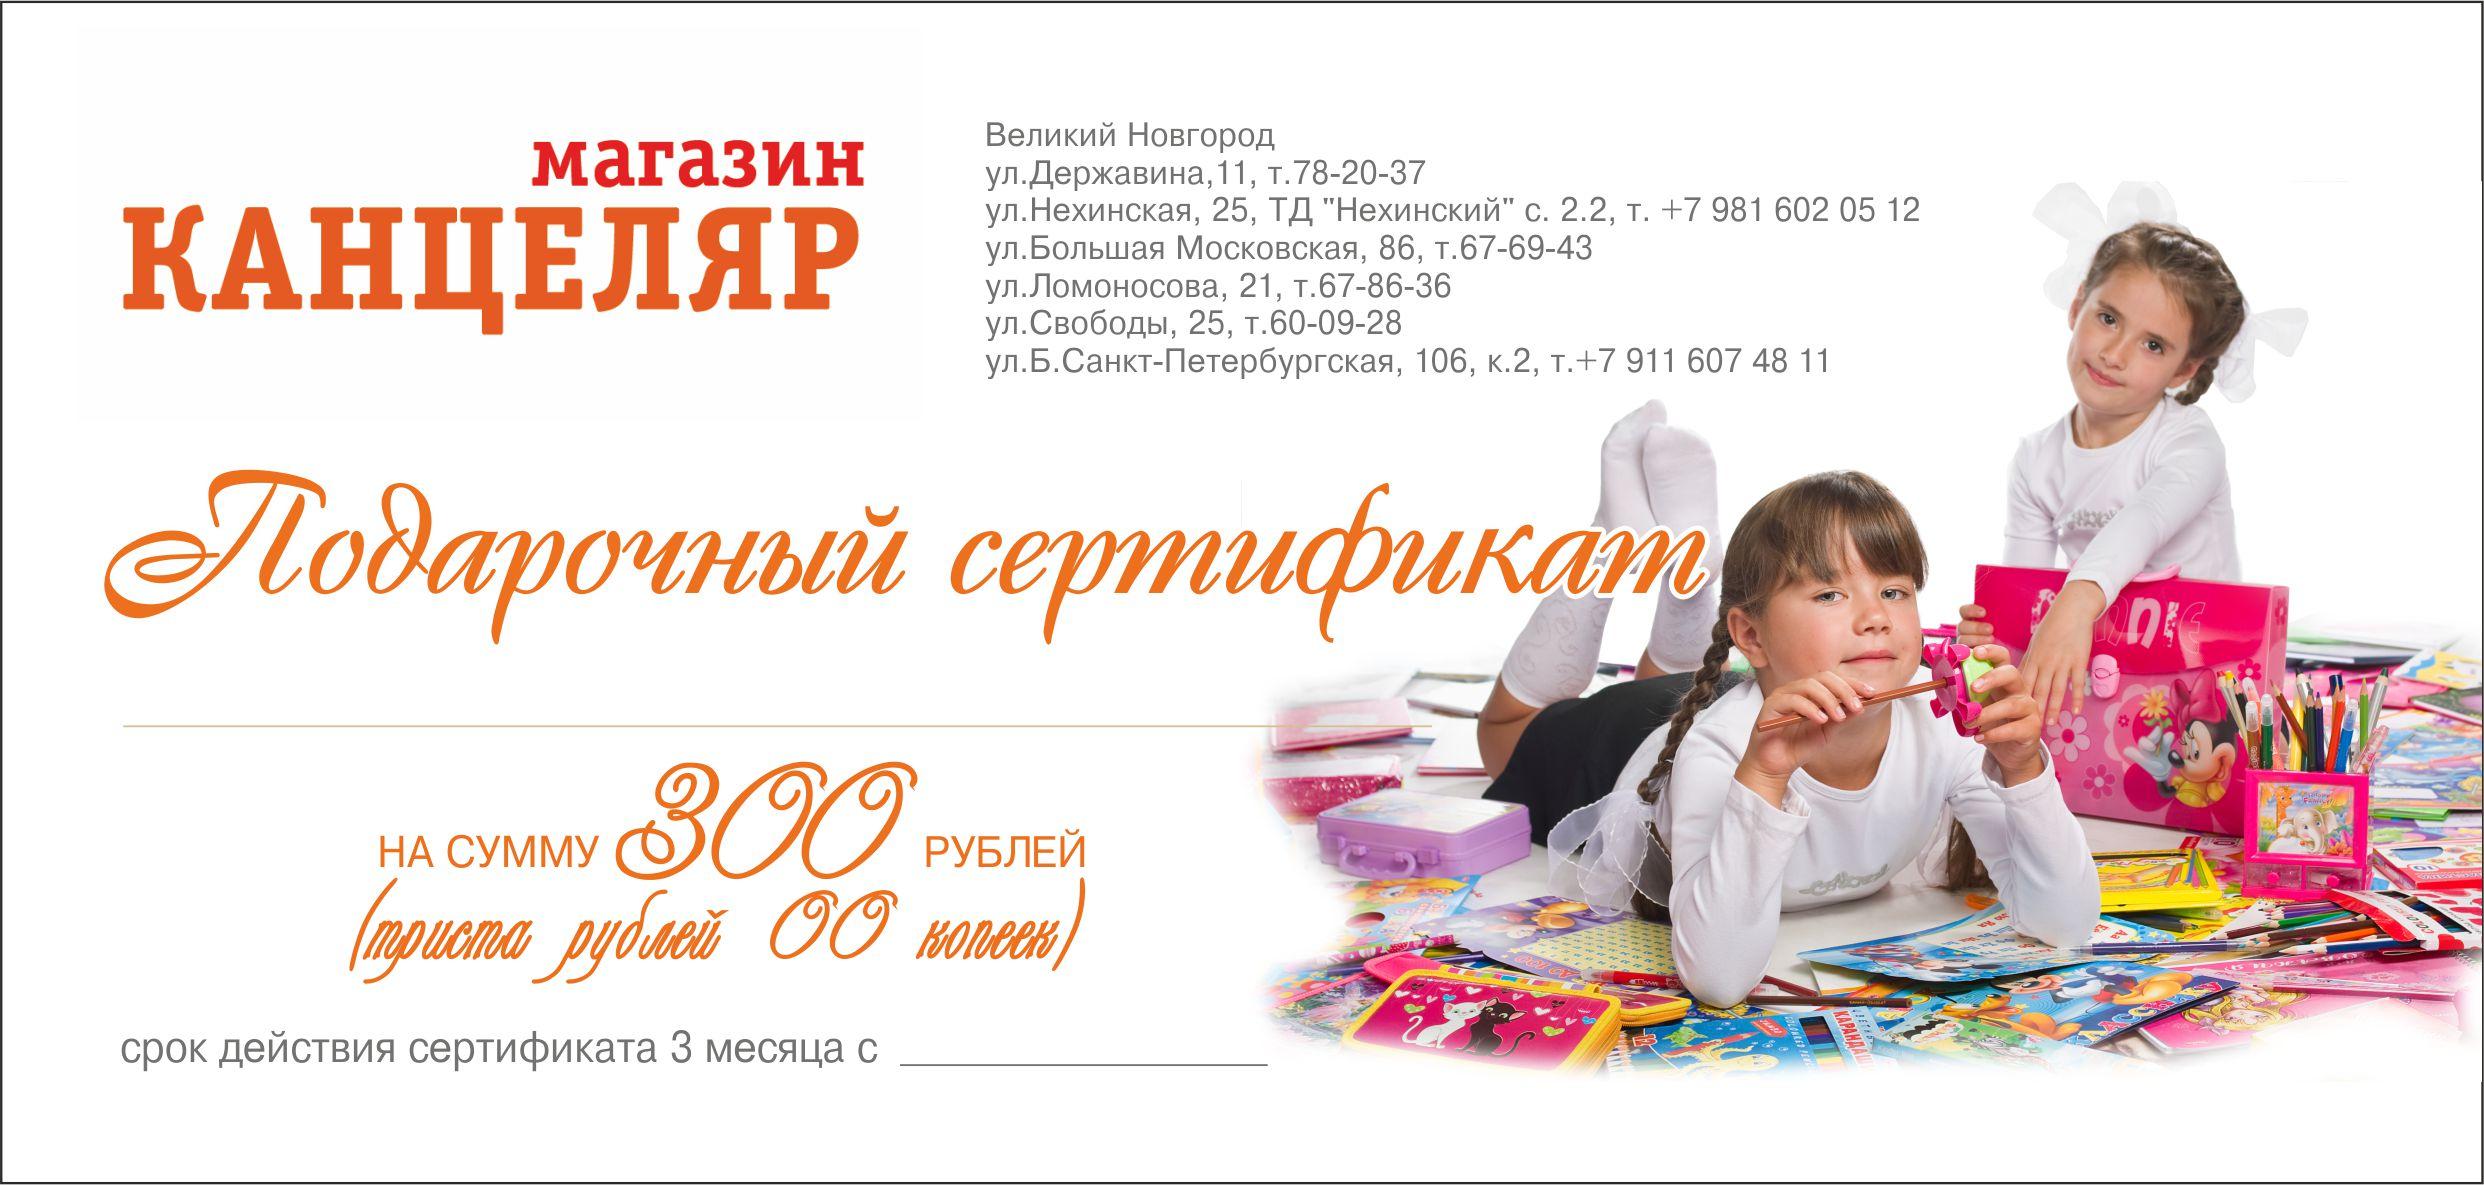 Подарочный Сертификат на 300 руб.